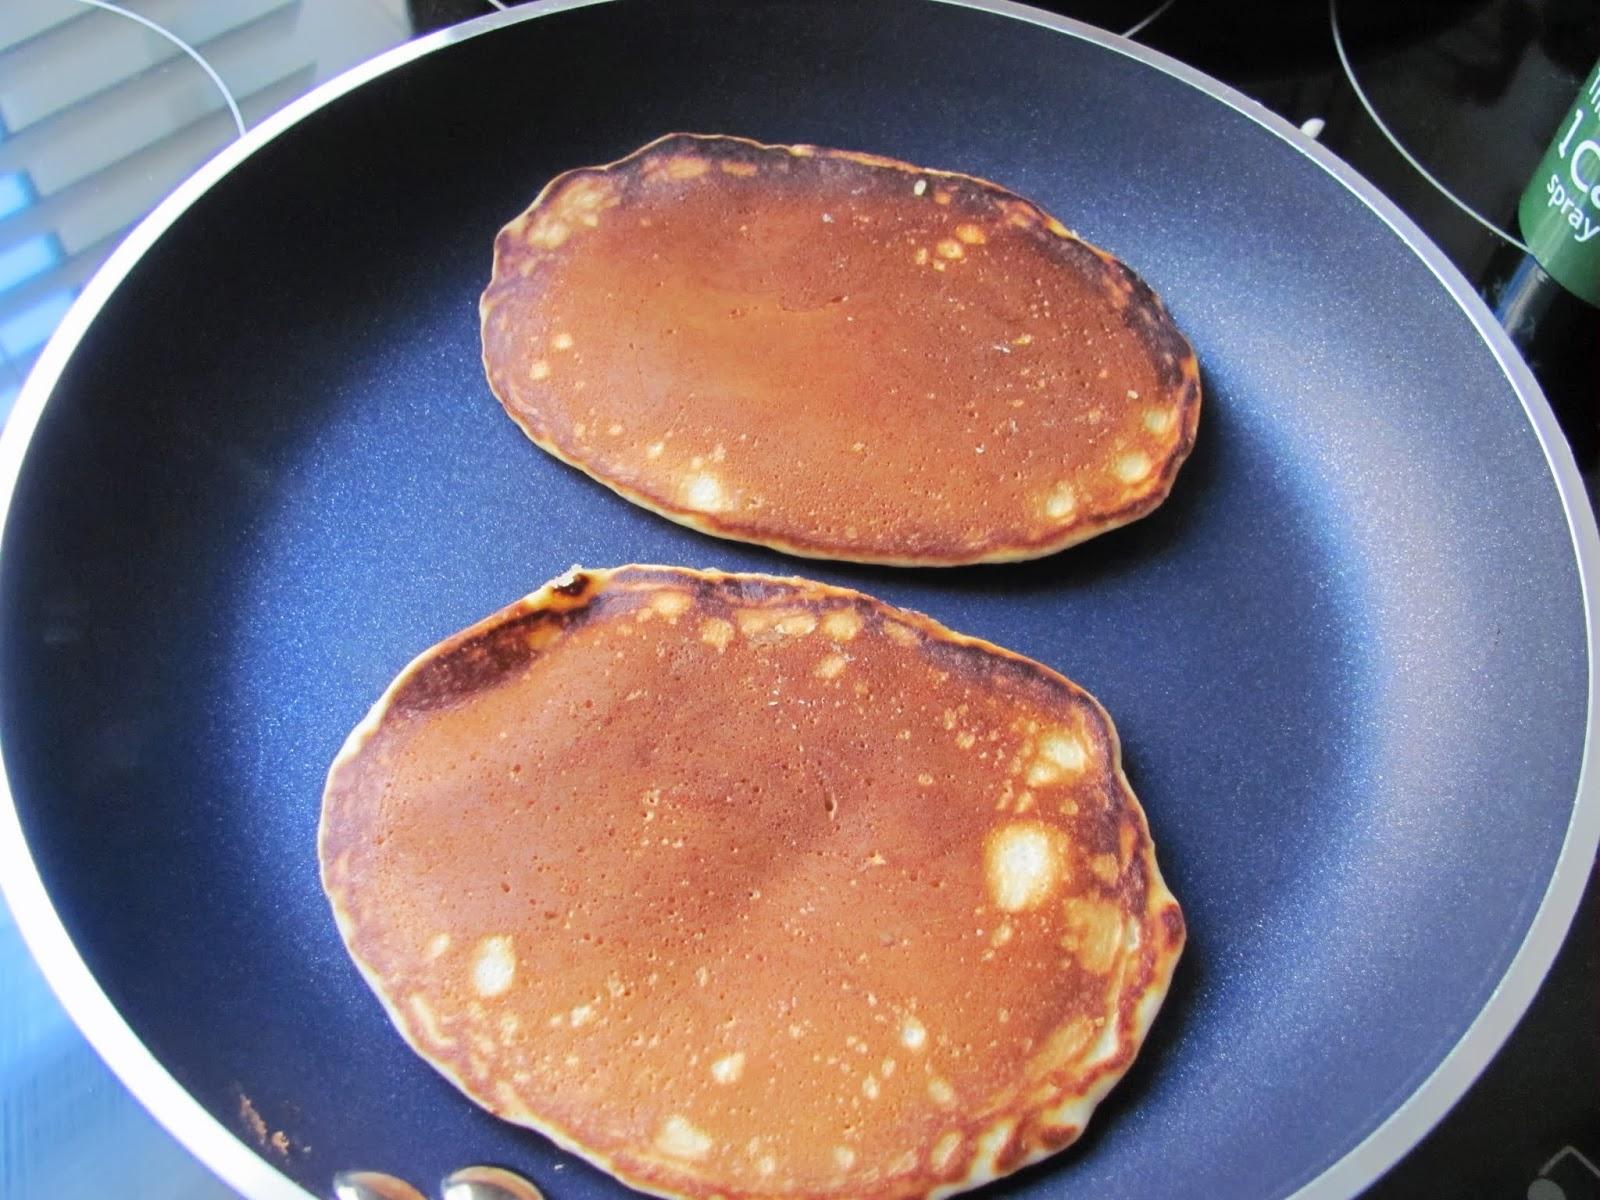 Good looking pancakes in a nice skillet